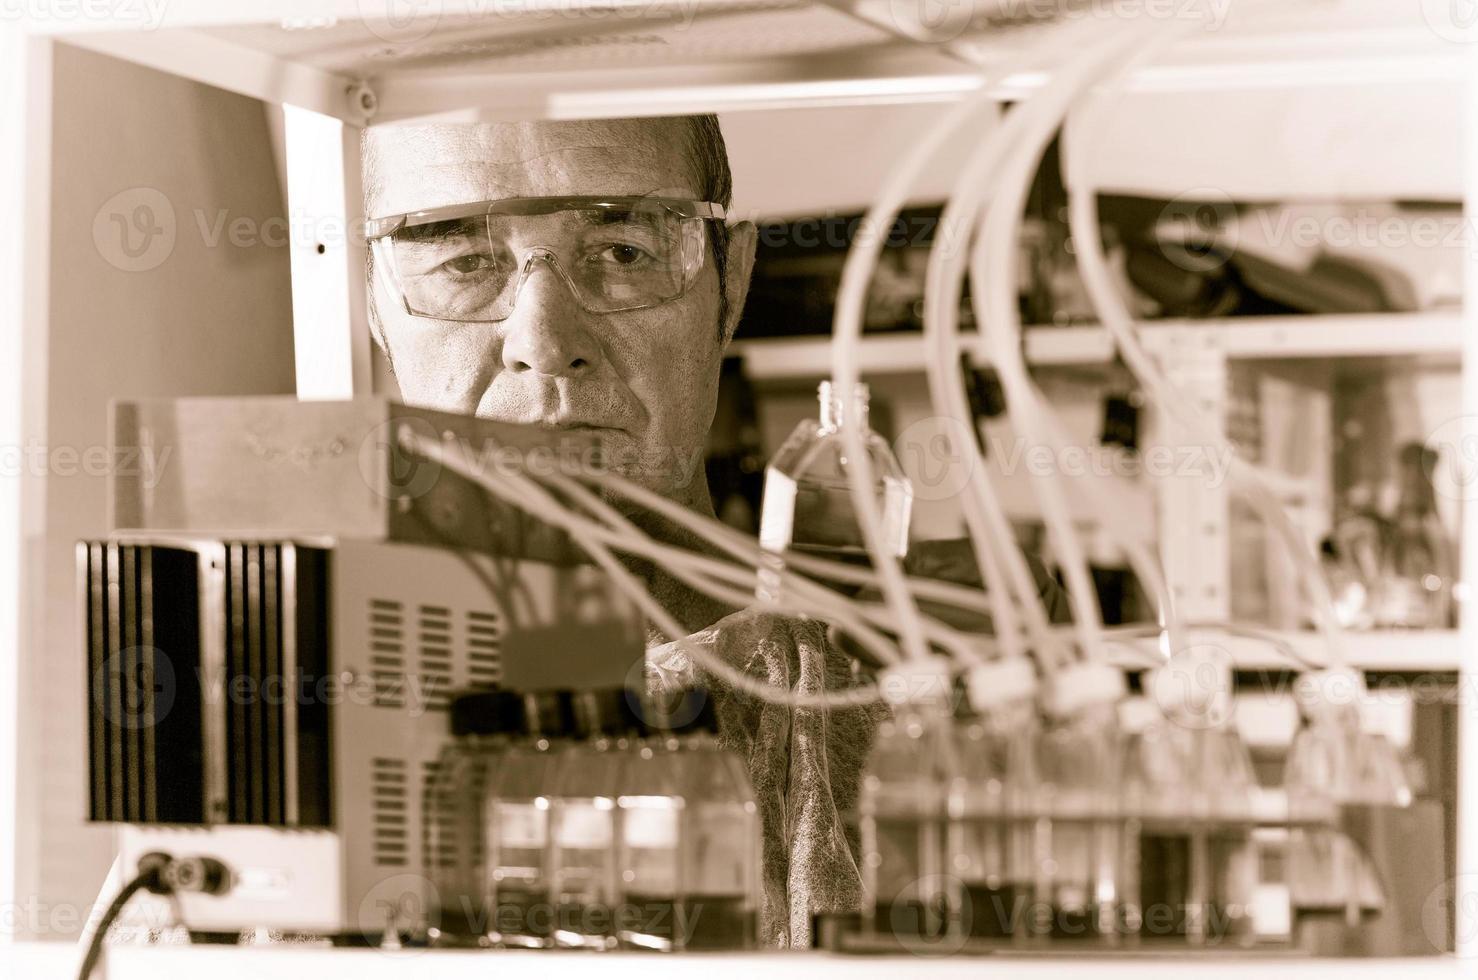 vérification de l'installation de culture cellulaire en montée photo